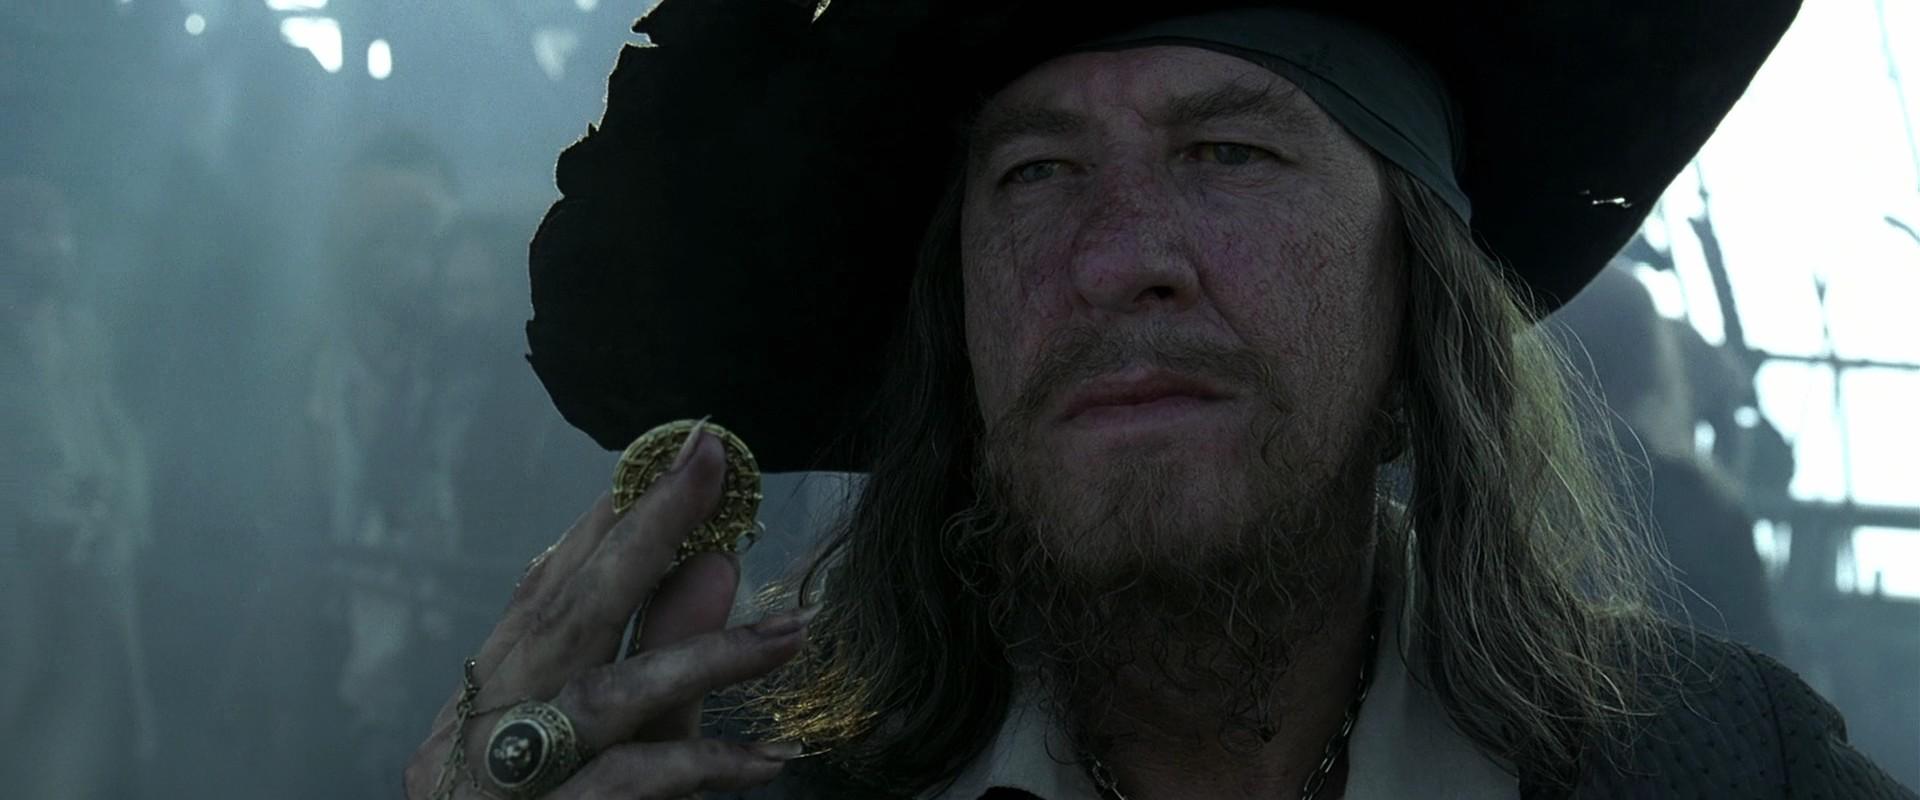 сомневаетесь, пираты карибского моря фото барбосса японии можно купить